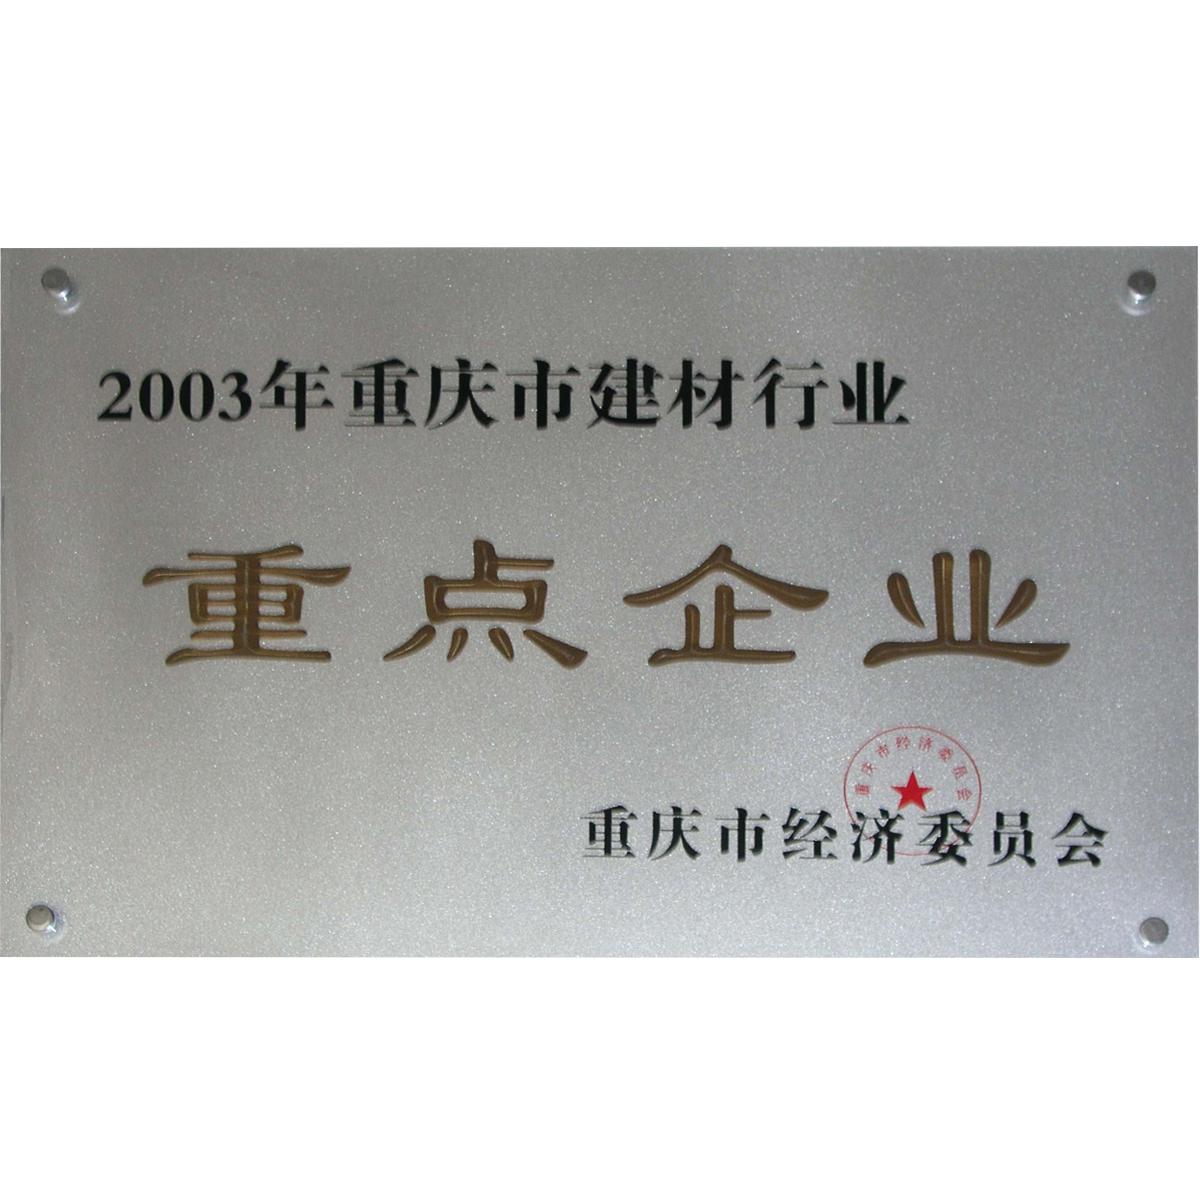 建材行业重点企业证书